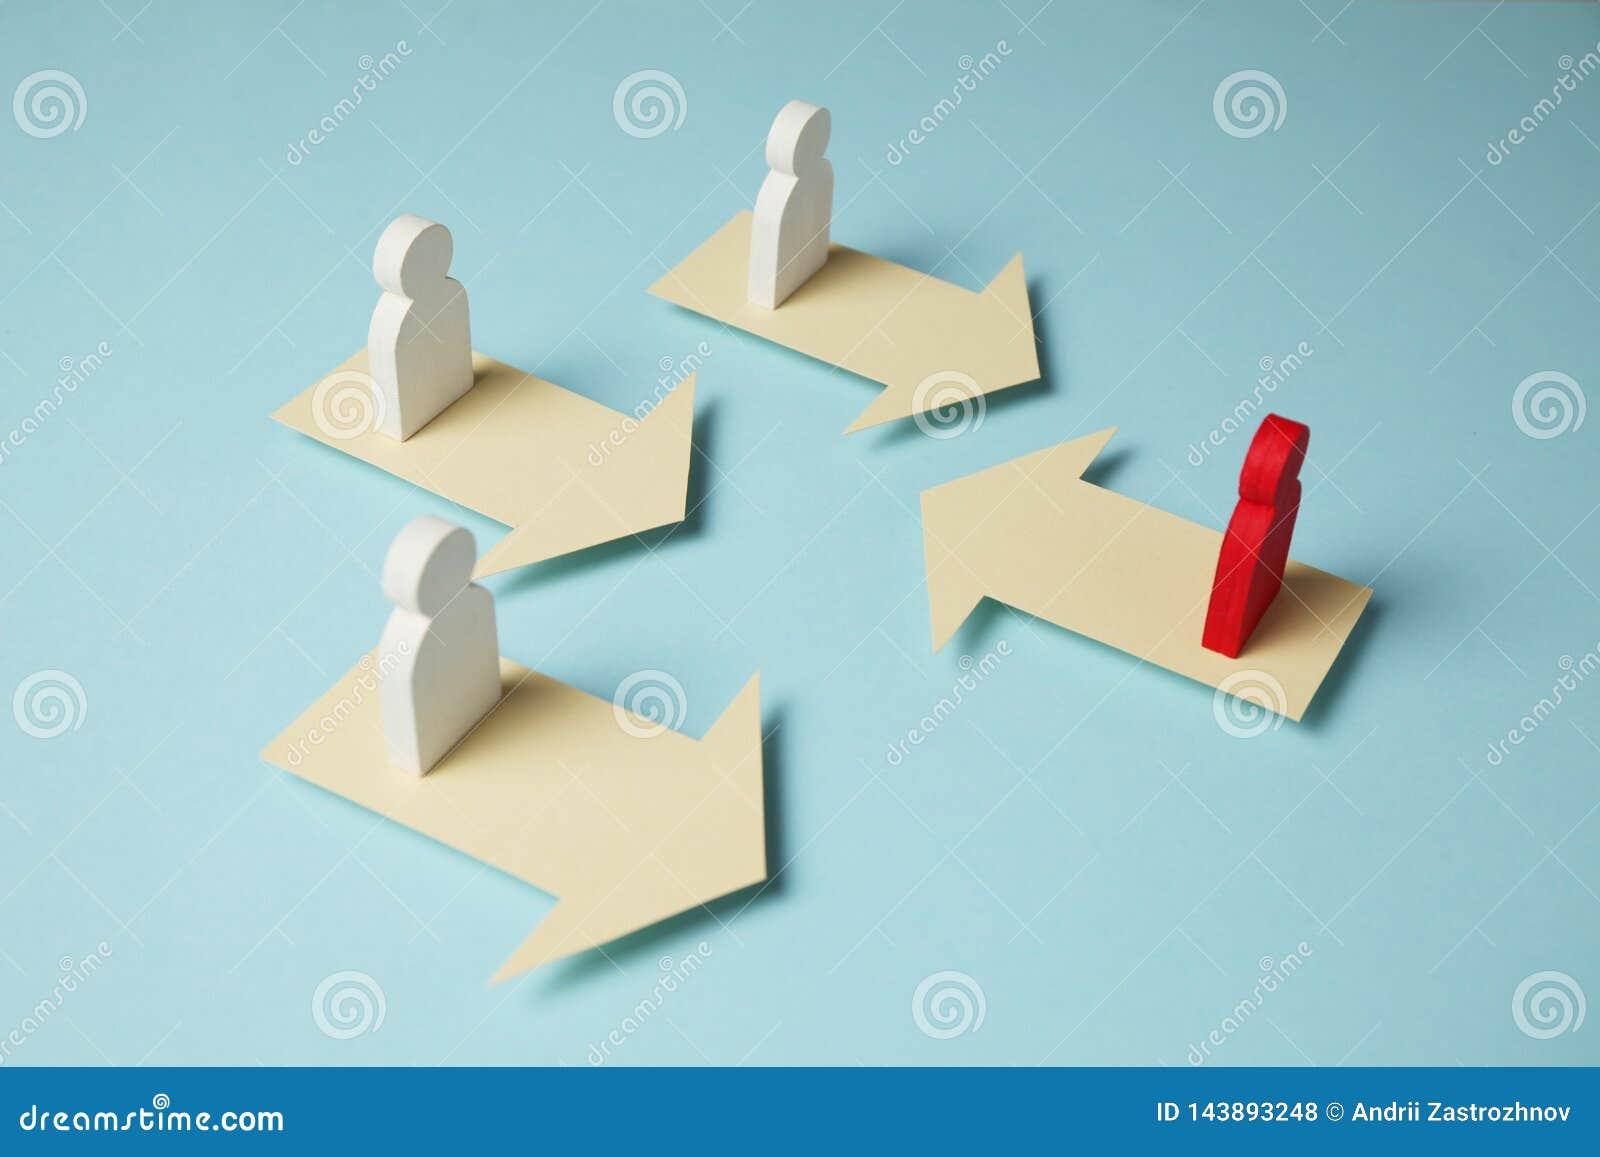 Diagram av folk och pilar, konfrontation i aff?ren, anstr?ngning f?r framg?ng